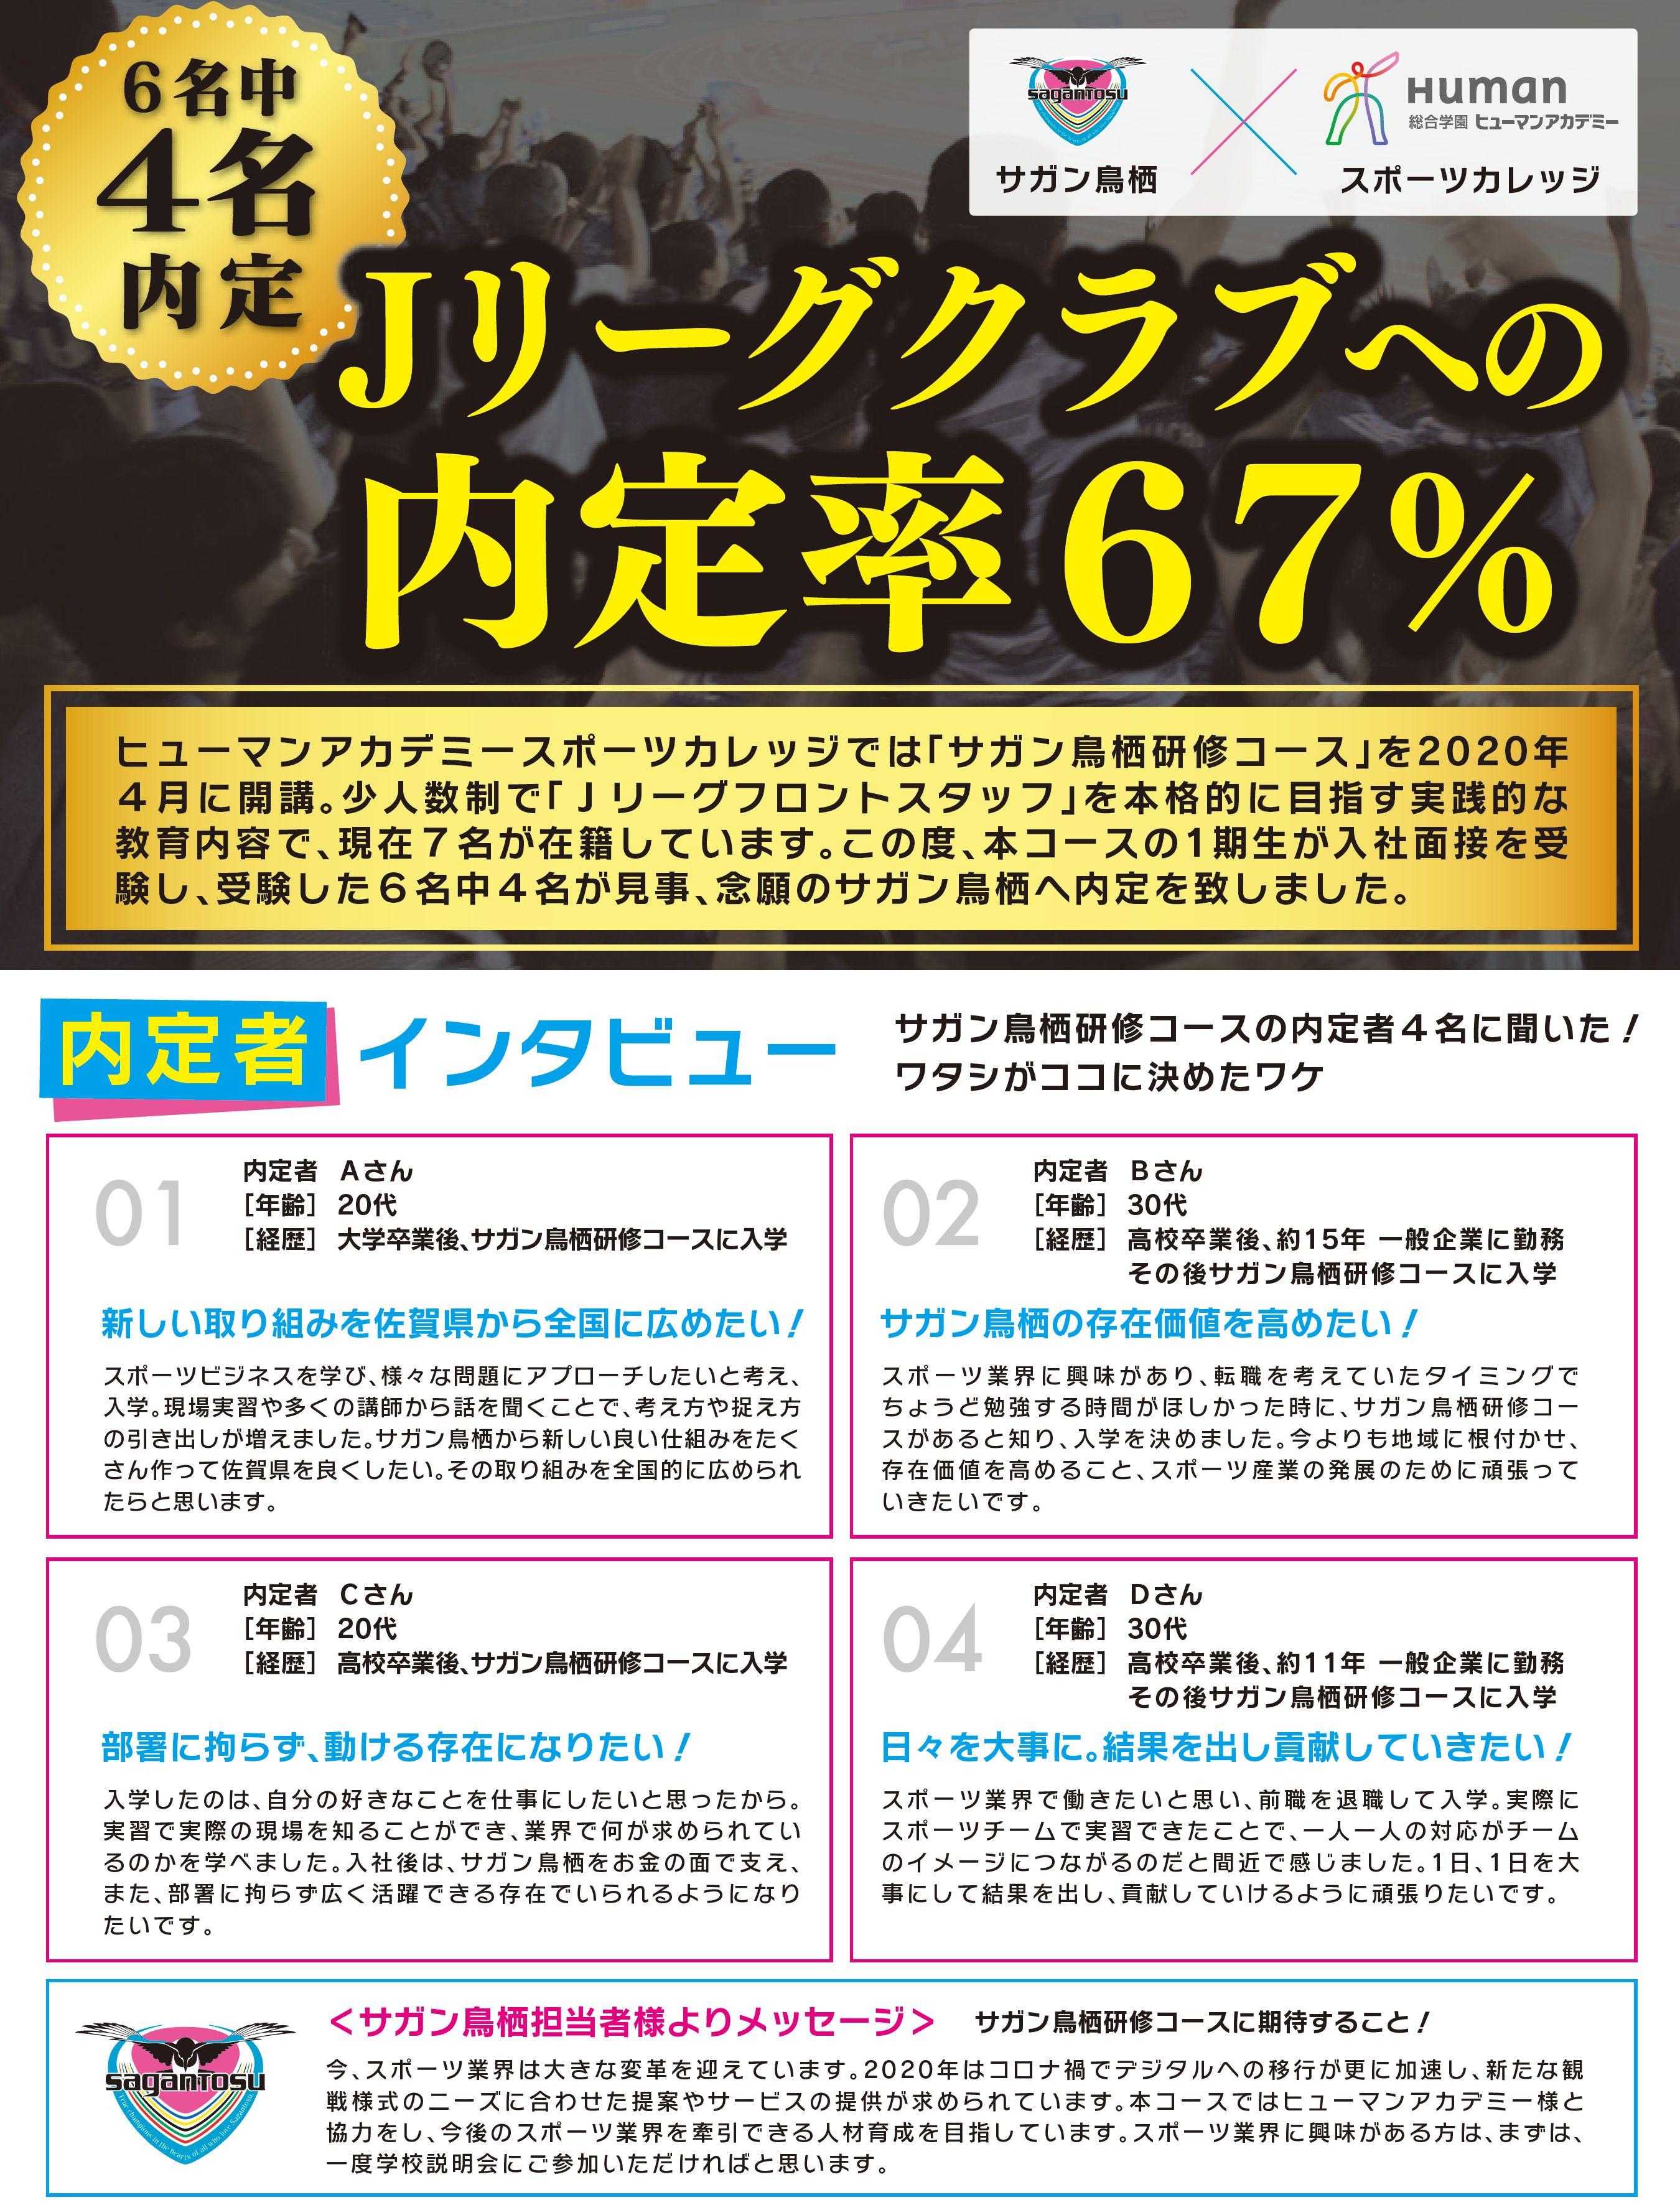 Jリーグクラブへの内定率67%!!<6名中4名内定>サガン鳥栖研修コース